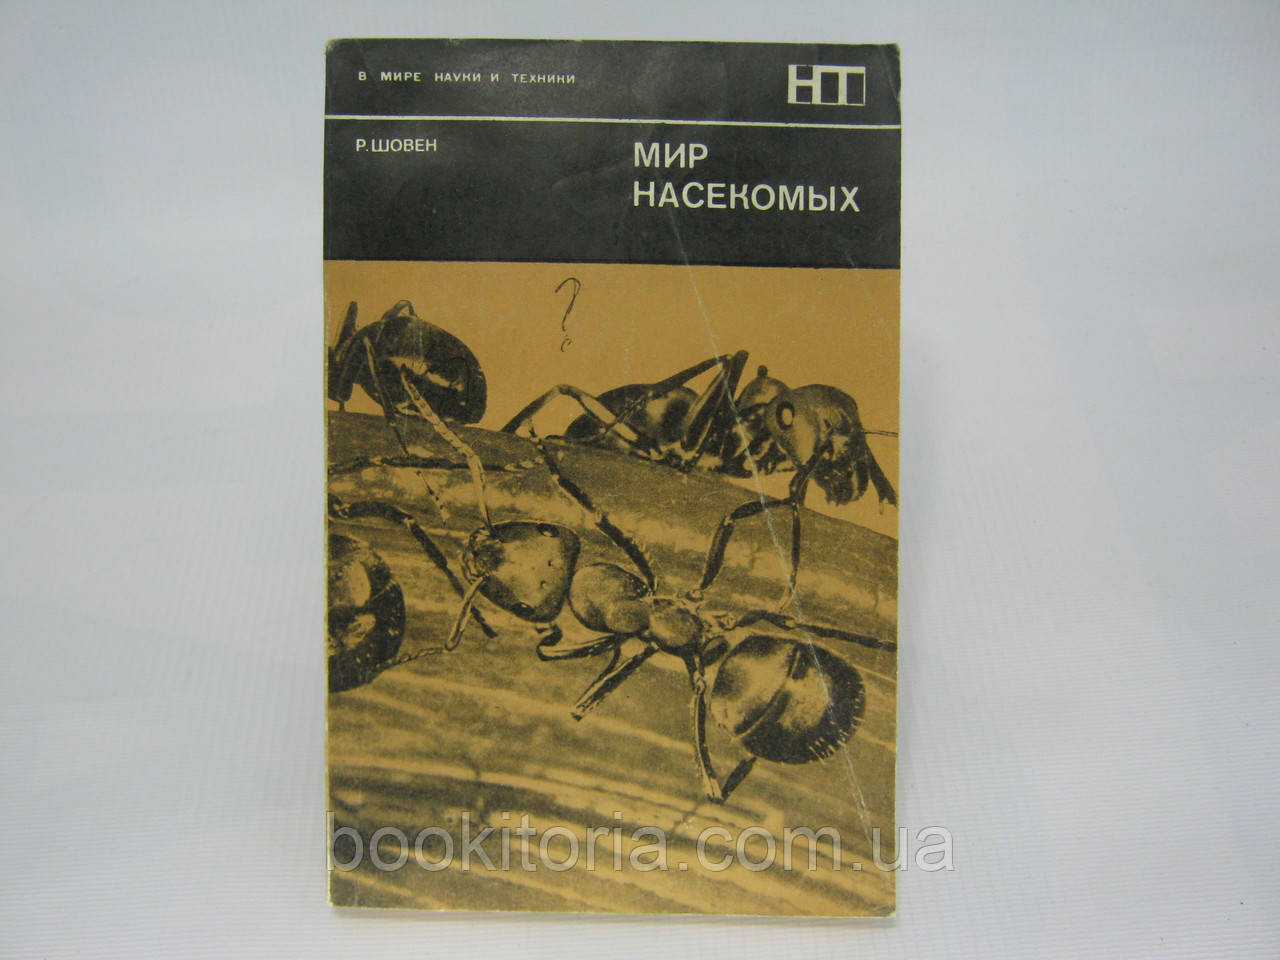 Шовен Р. Мир насекомых (б/у).